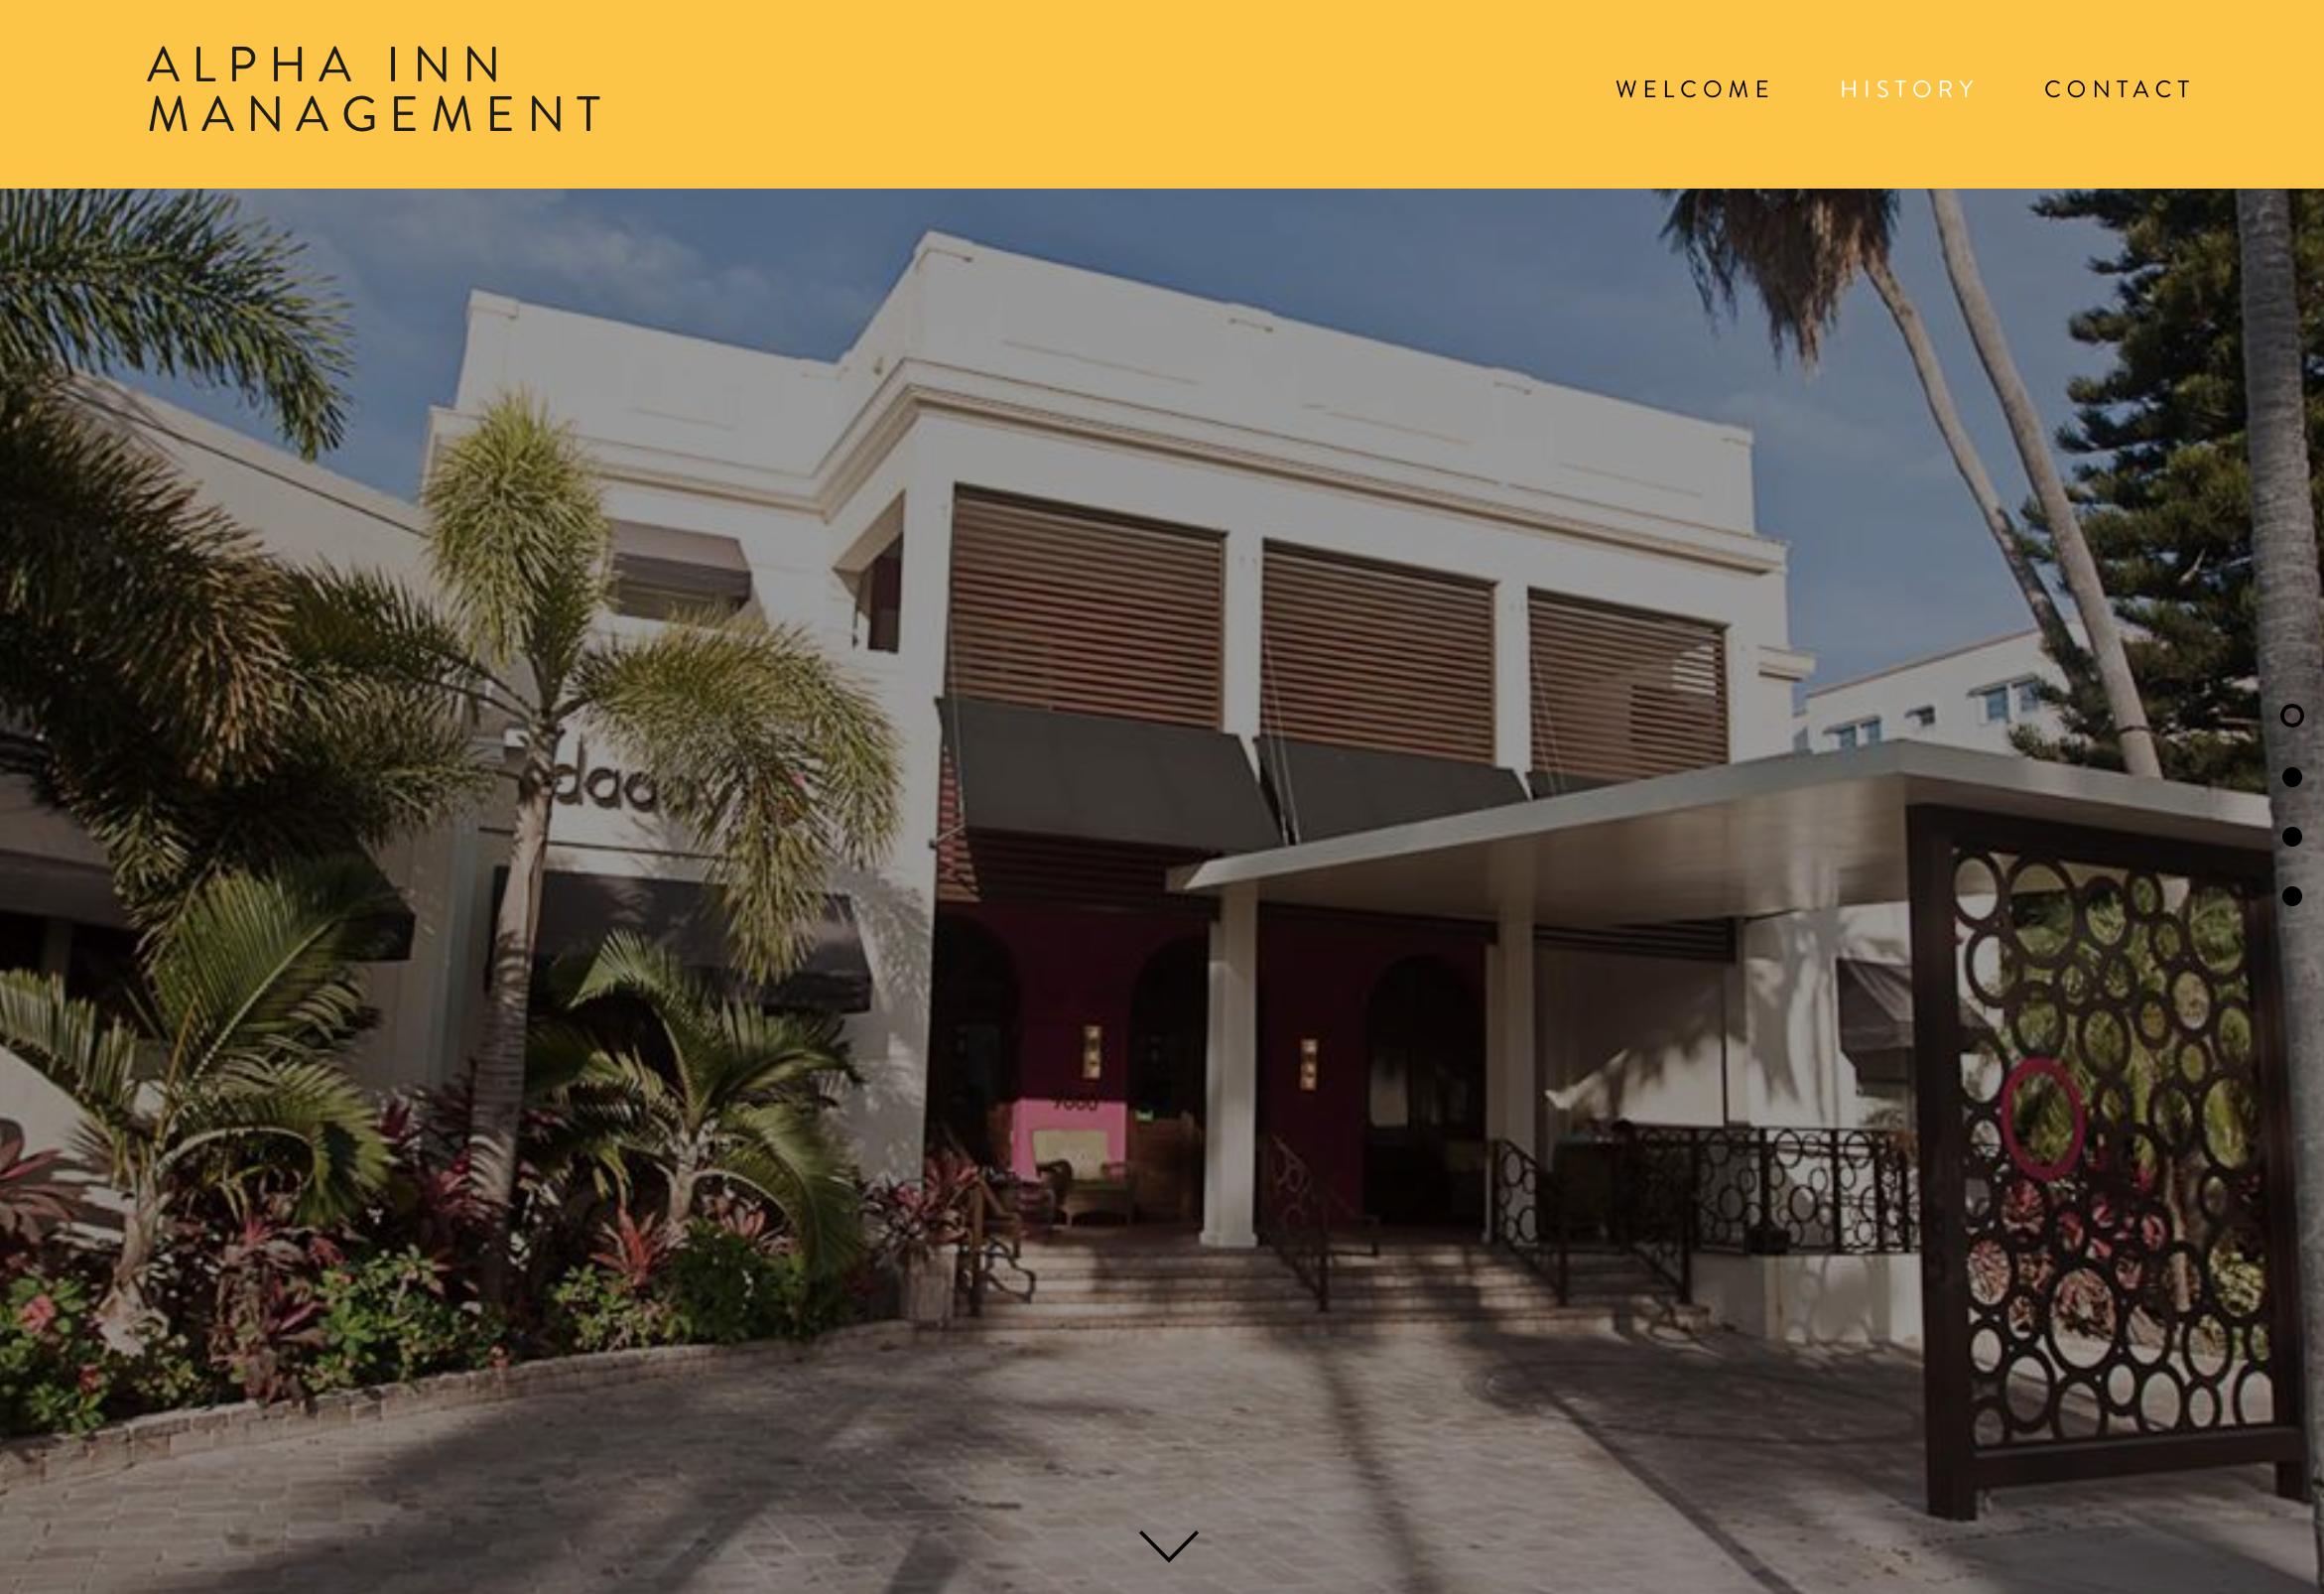 Alpha Inn Management Website